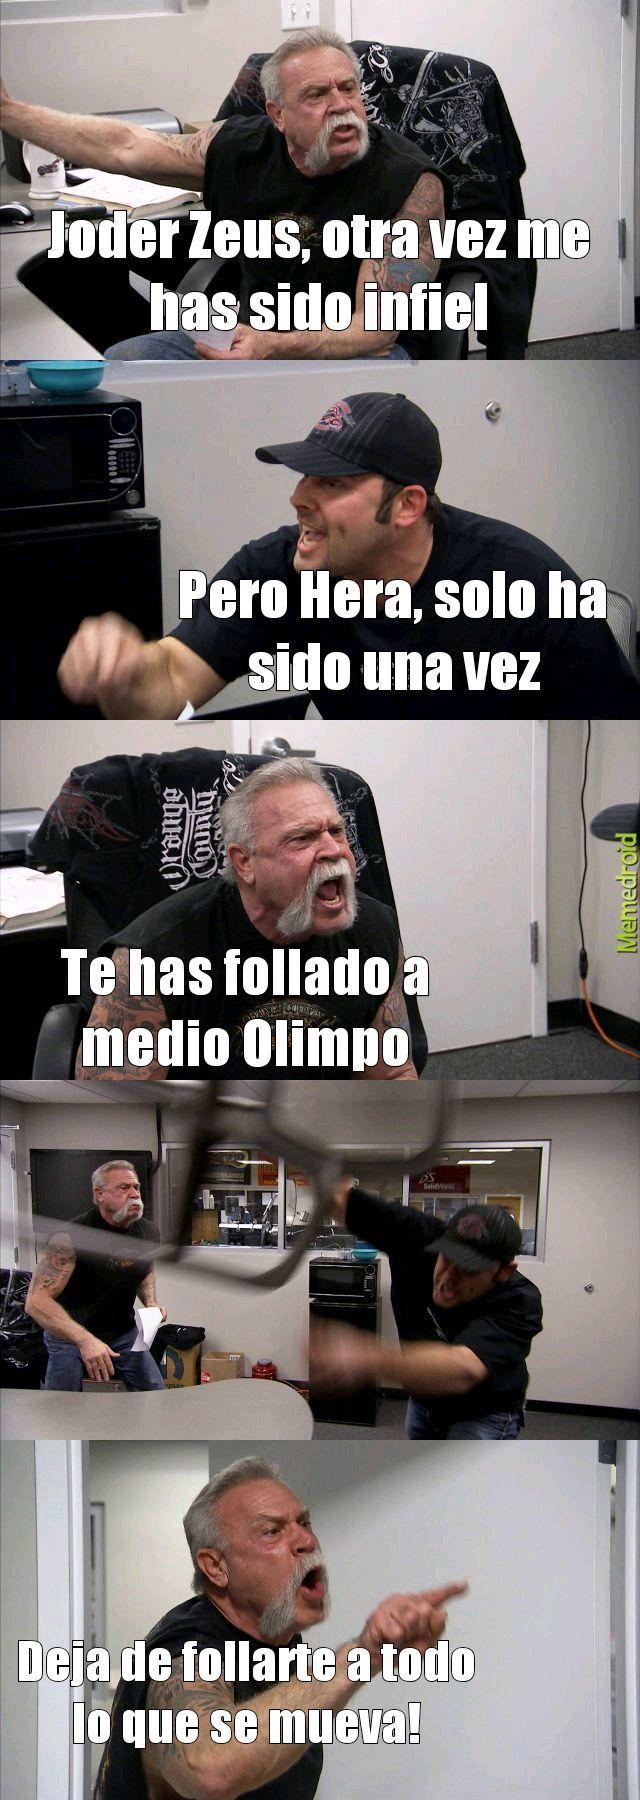 El bueno de Zeus - meme